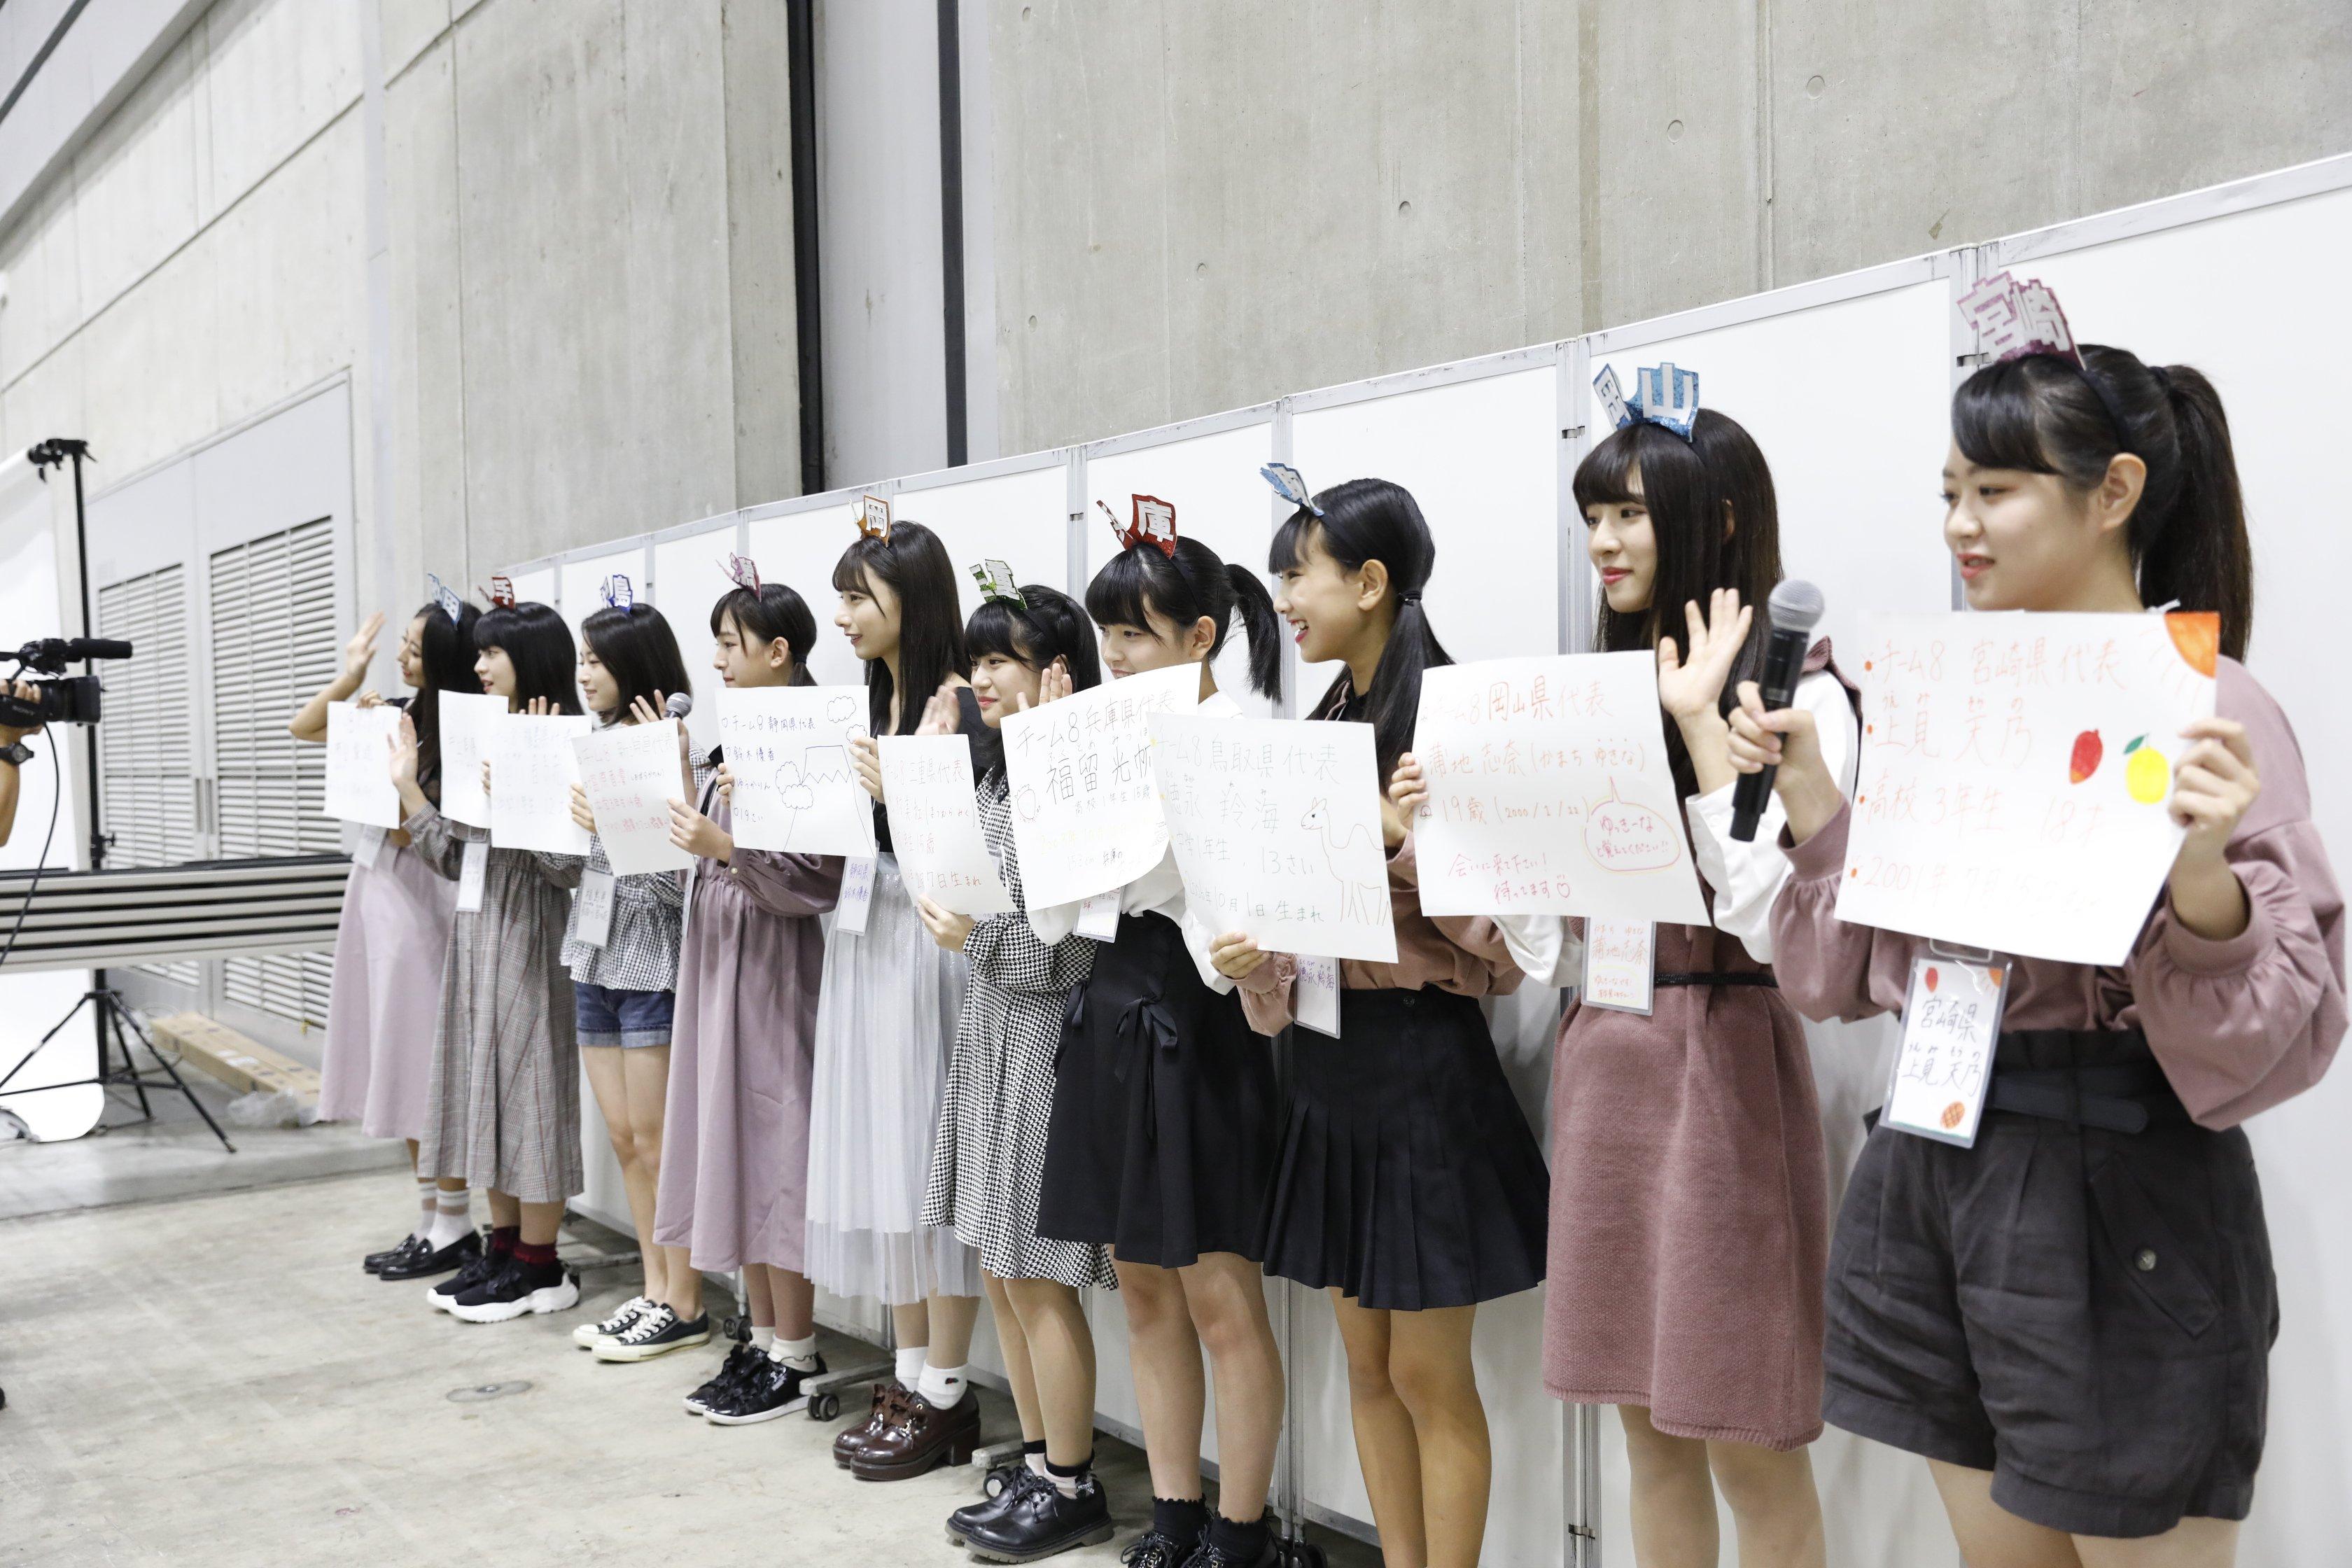 柏木由紀「お母さんと思ってほしい」AKB48チーム8新メンバー10名が握手会に初参加!【写真8枚】の画像002